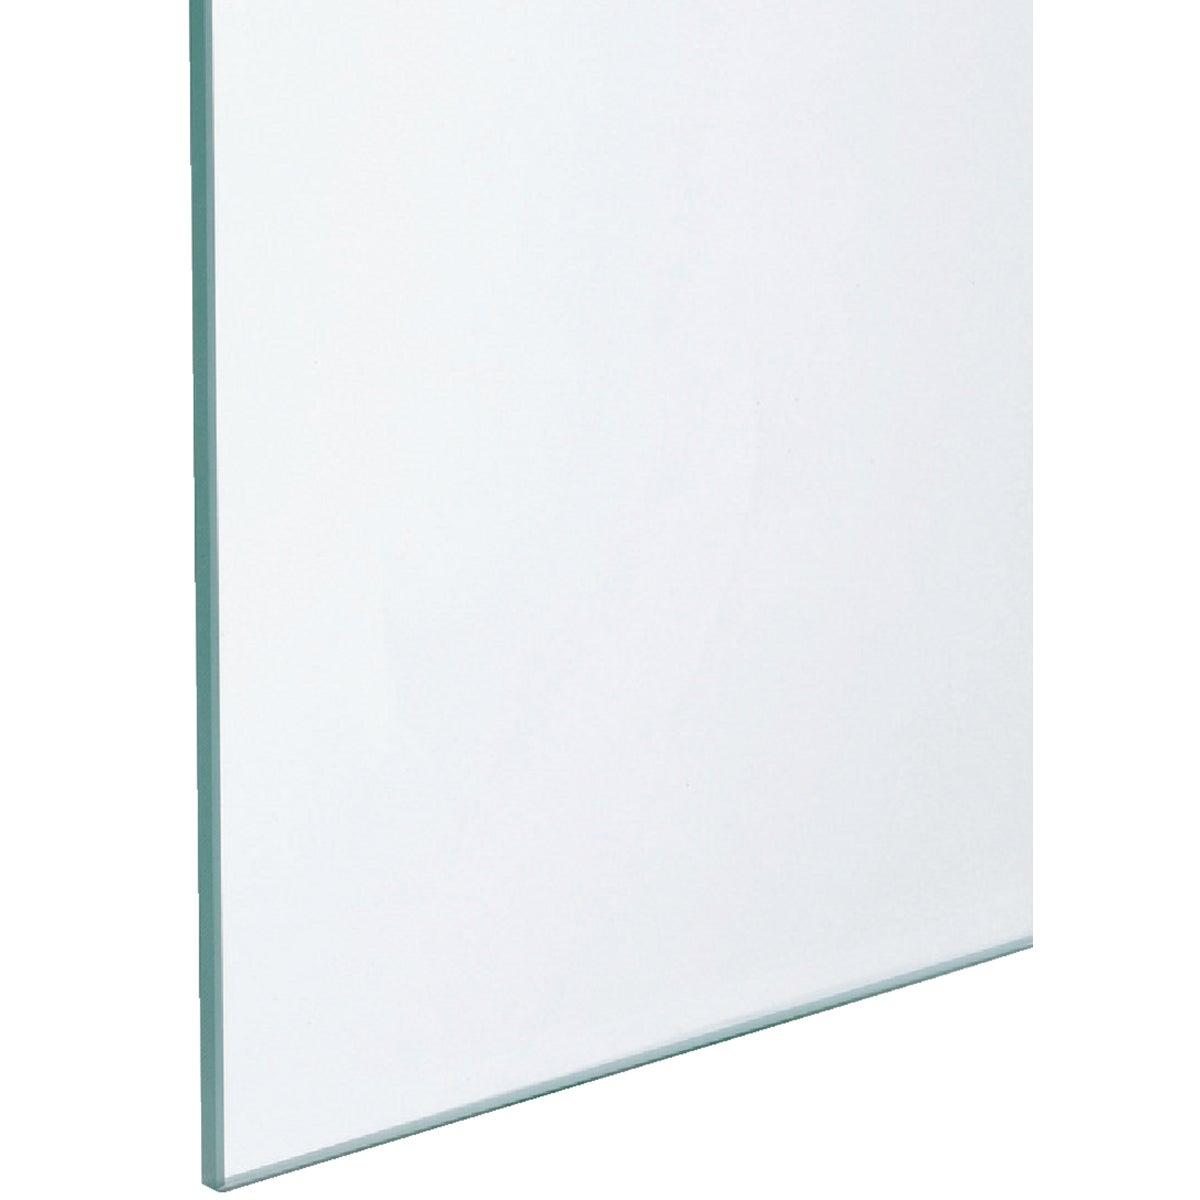 16X20SSB WINDOW GLASS 23